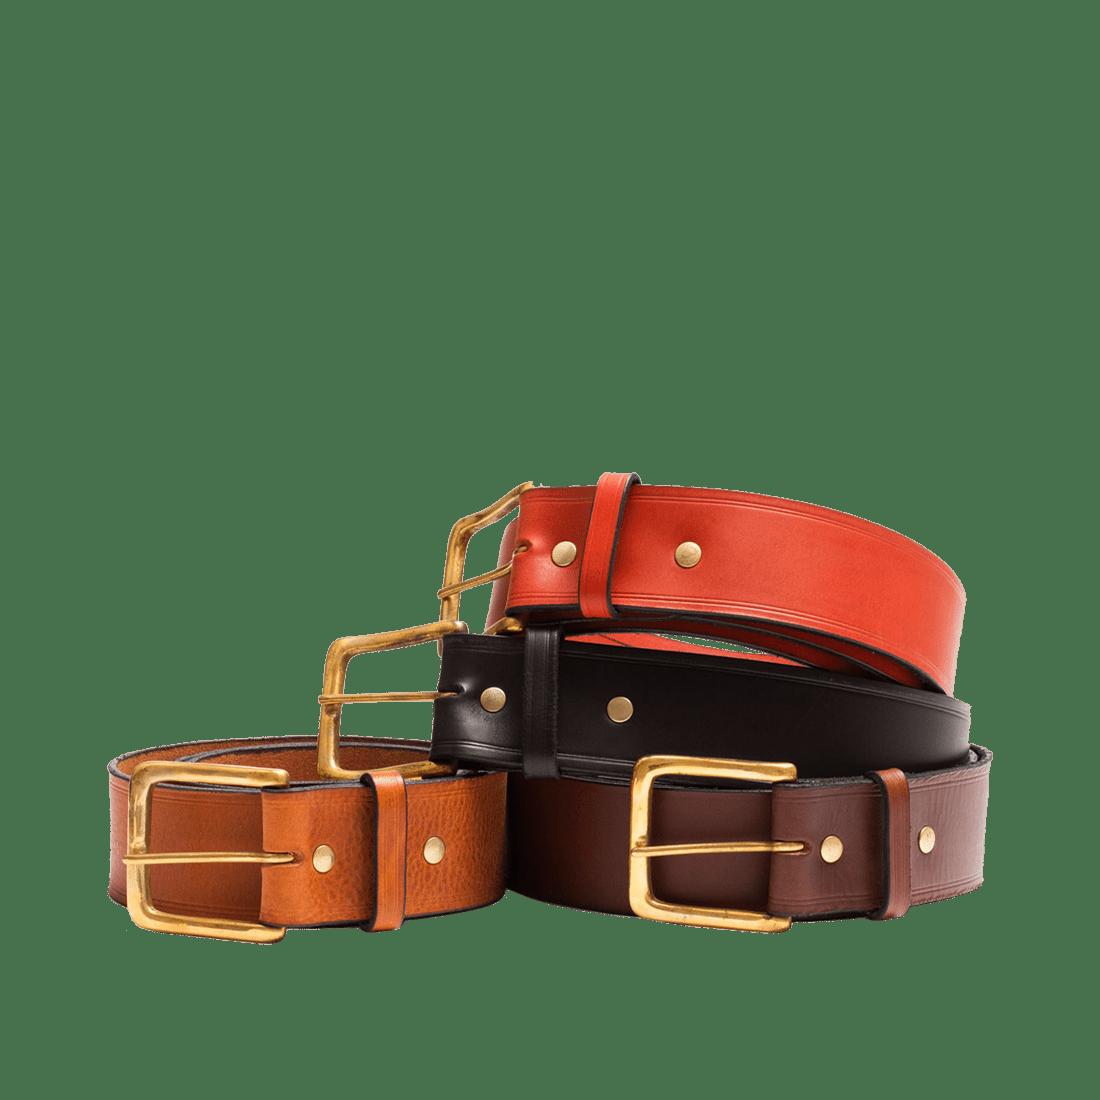 Leather Belts | Genuine Italian Leather for Men & Women